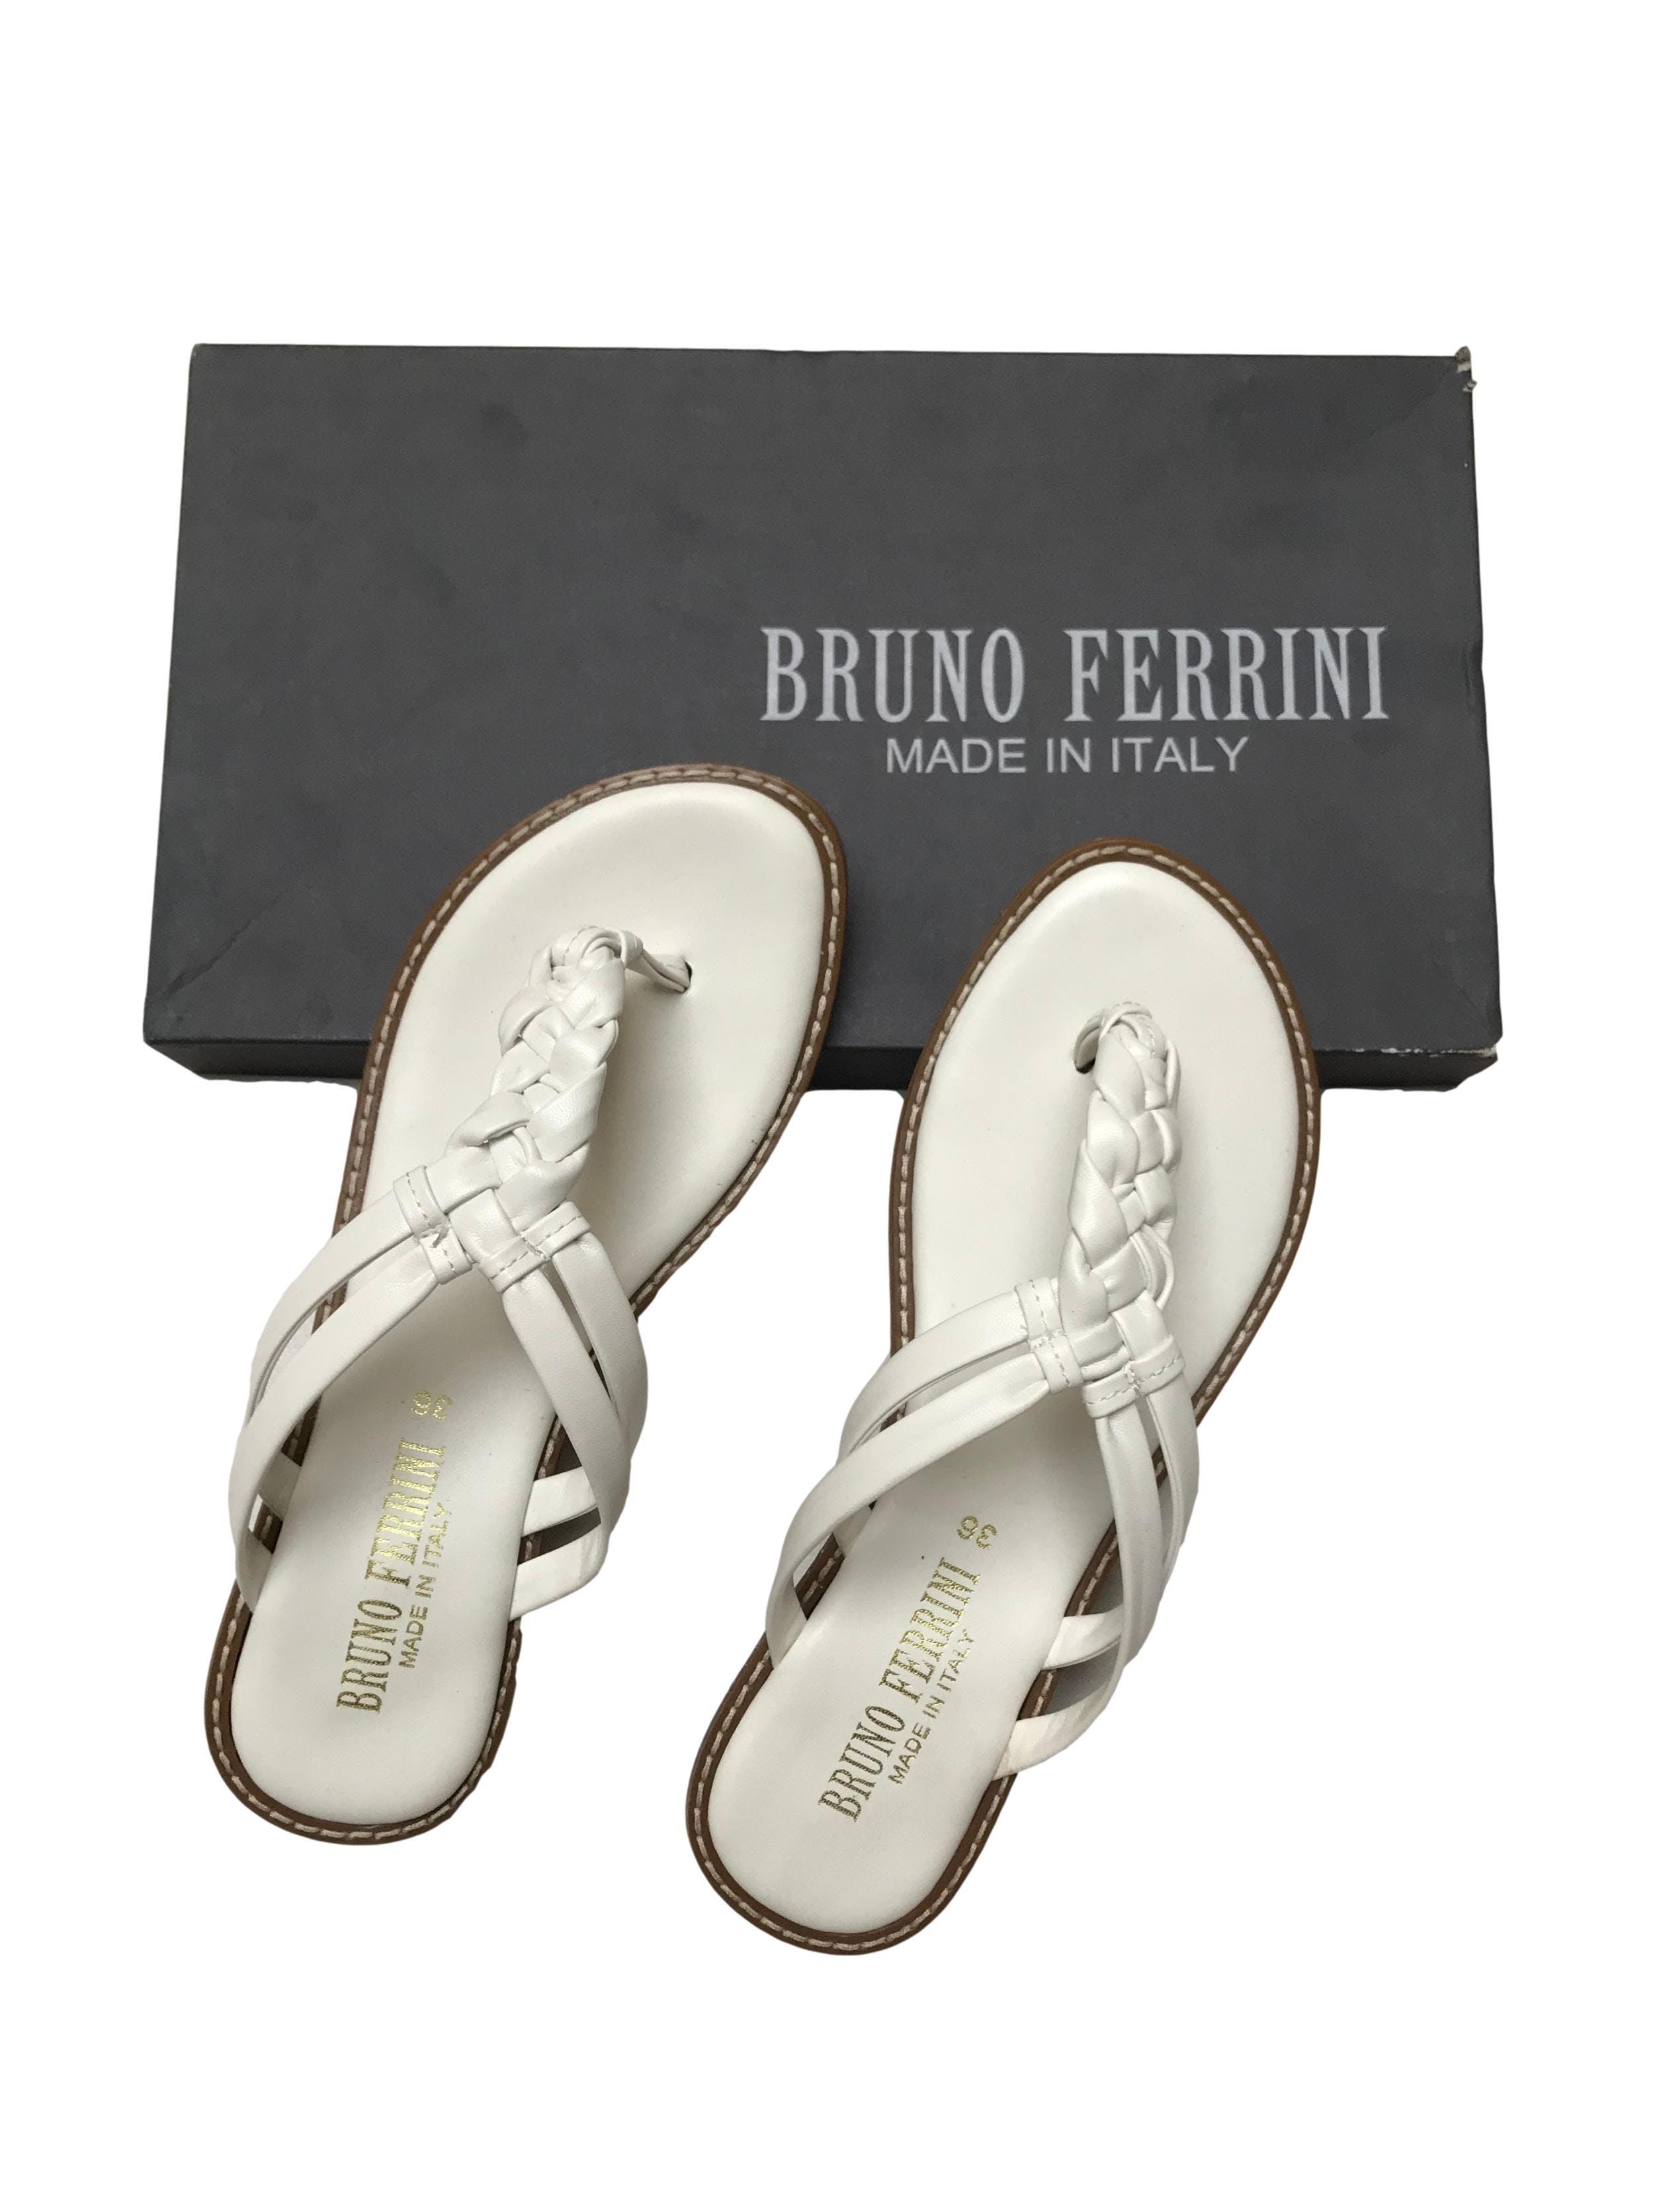 Sandalias Bruno Ferrini blancas de dos tiras trenzadas, taco 2.5cm. Nuevas en caja, precio original S/ 169